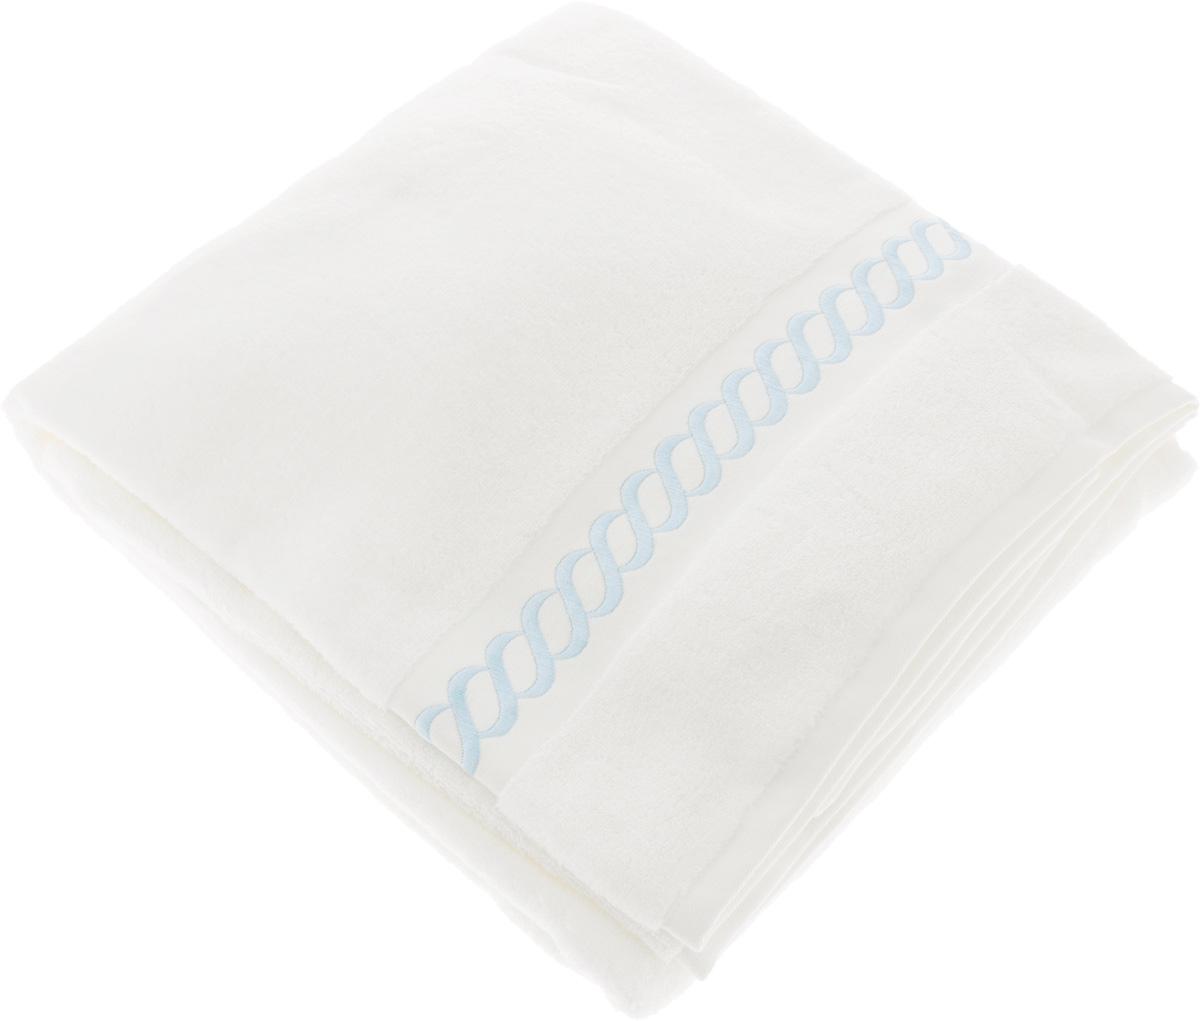 Полотенце махровое Issimo Home Pauline, цвет: белый, голубой, 90 x 150 см4733Полотенце Issimo Home Pauline выполнено из натуральной махровой ткани (100% хлопок). Изделие отлично впитывает влагу, быстро сохнет и не теряет форму даже после многократных стирок. Рекомендации по уходу:- режим стирки при 40°C,- допускается обычная химчистка,- отбеливание запрещено,- глажка при температуре подошвы утюга до 110°С,- барабанный отжим запрещен.Размер полотенца: 90 x 150 см.